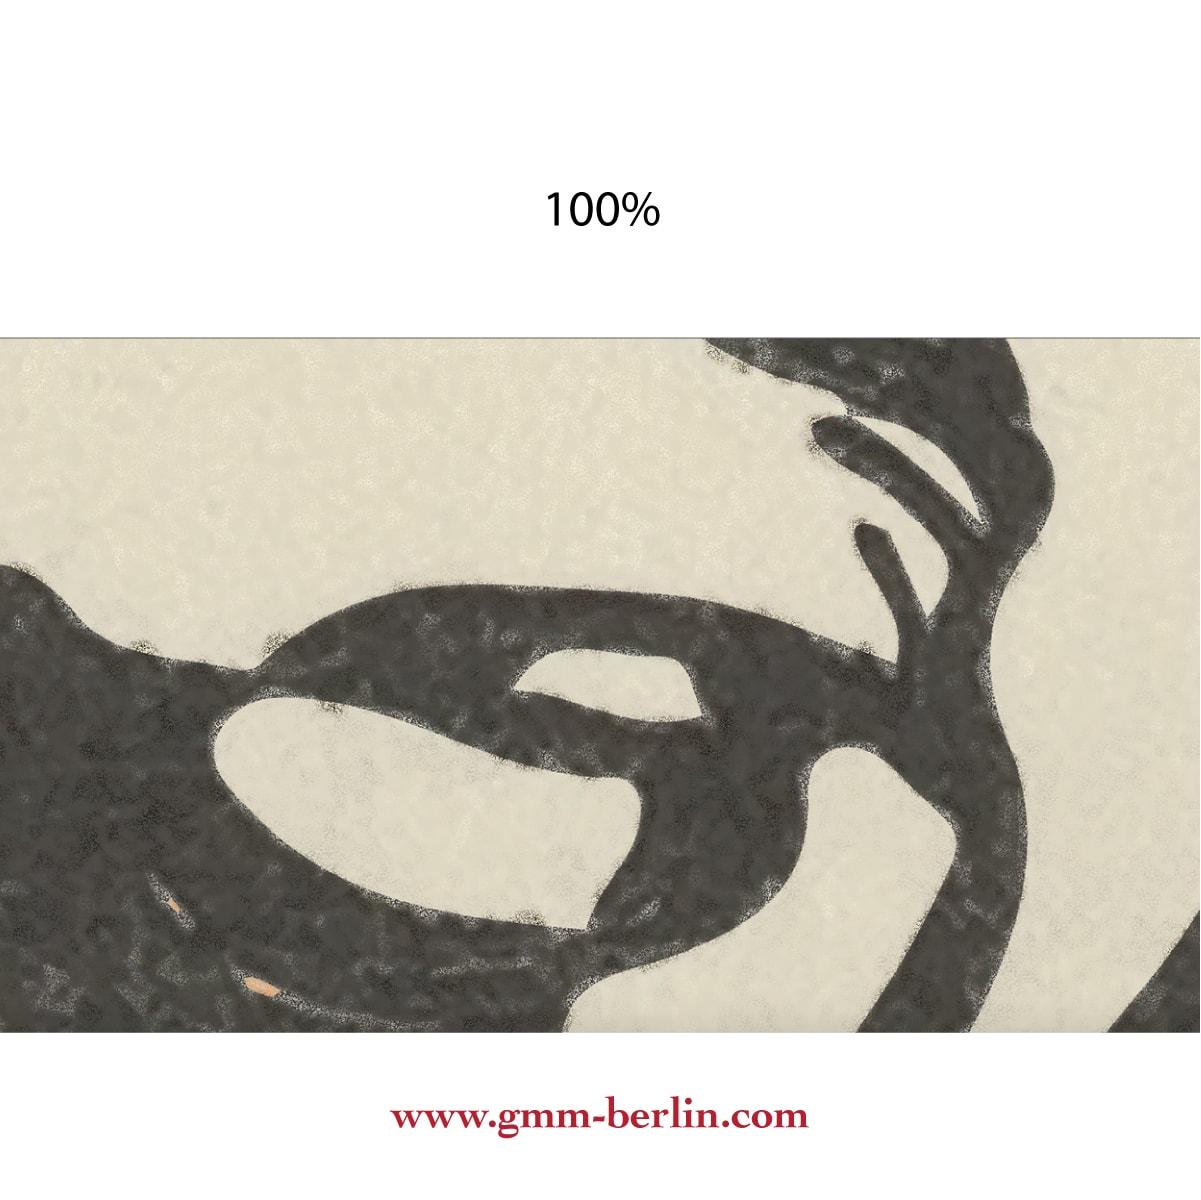 """Dekorative Kunst Tapete """"Der Pitbull"""" nach Moriz Jung aus den Tapeten Neuheiten Exklusive Tapete für schönes Wohnen als Naturaltouch Luxus Vliestapete oder Basic Vliestapete"""